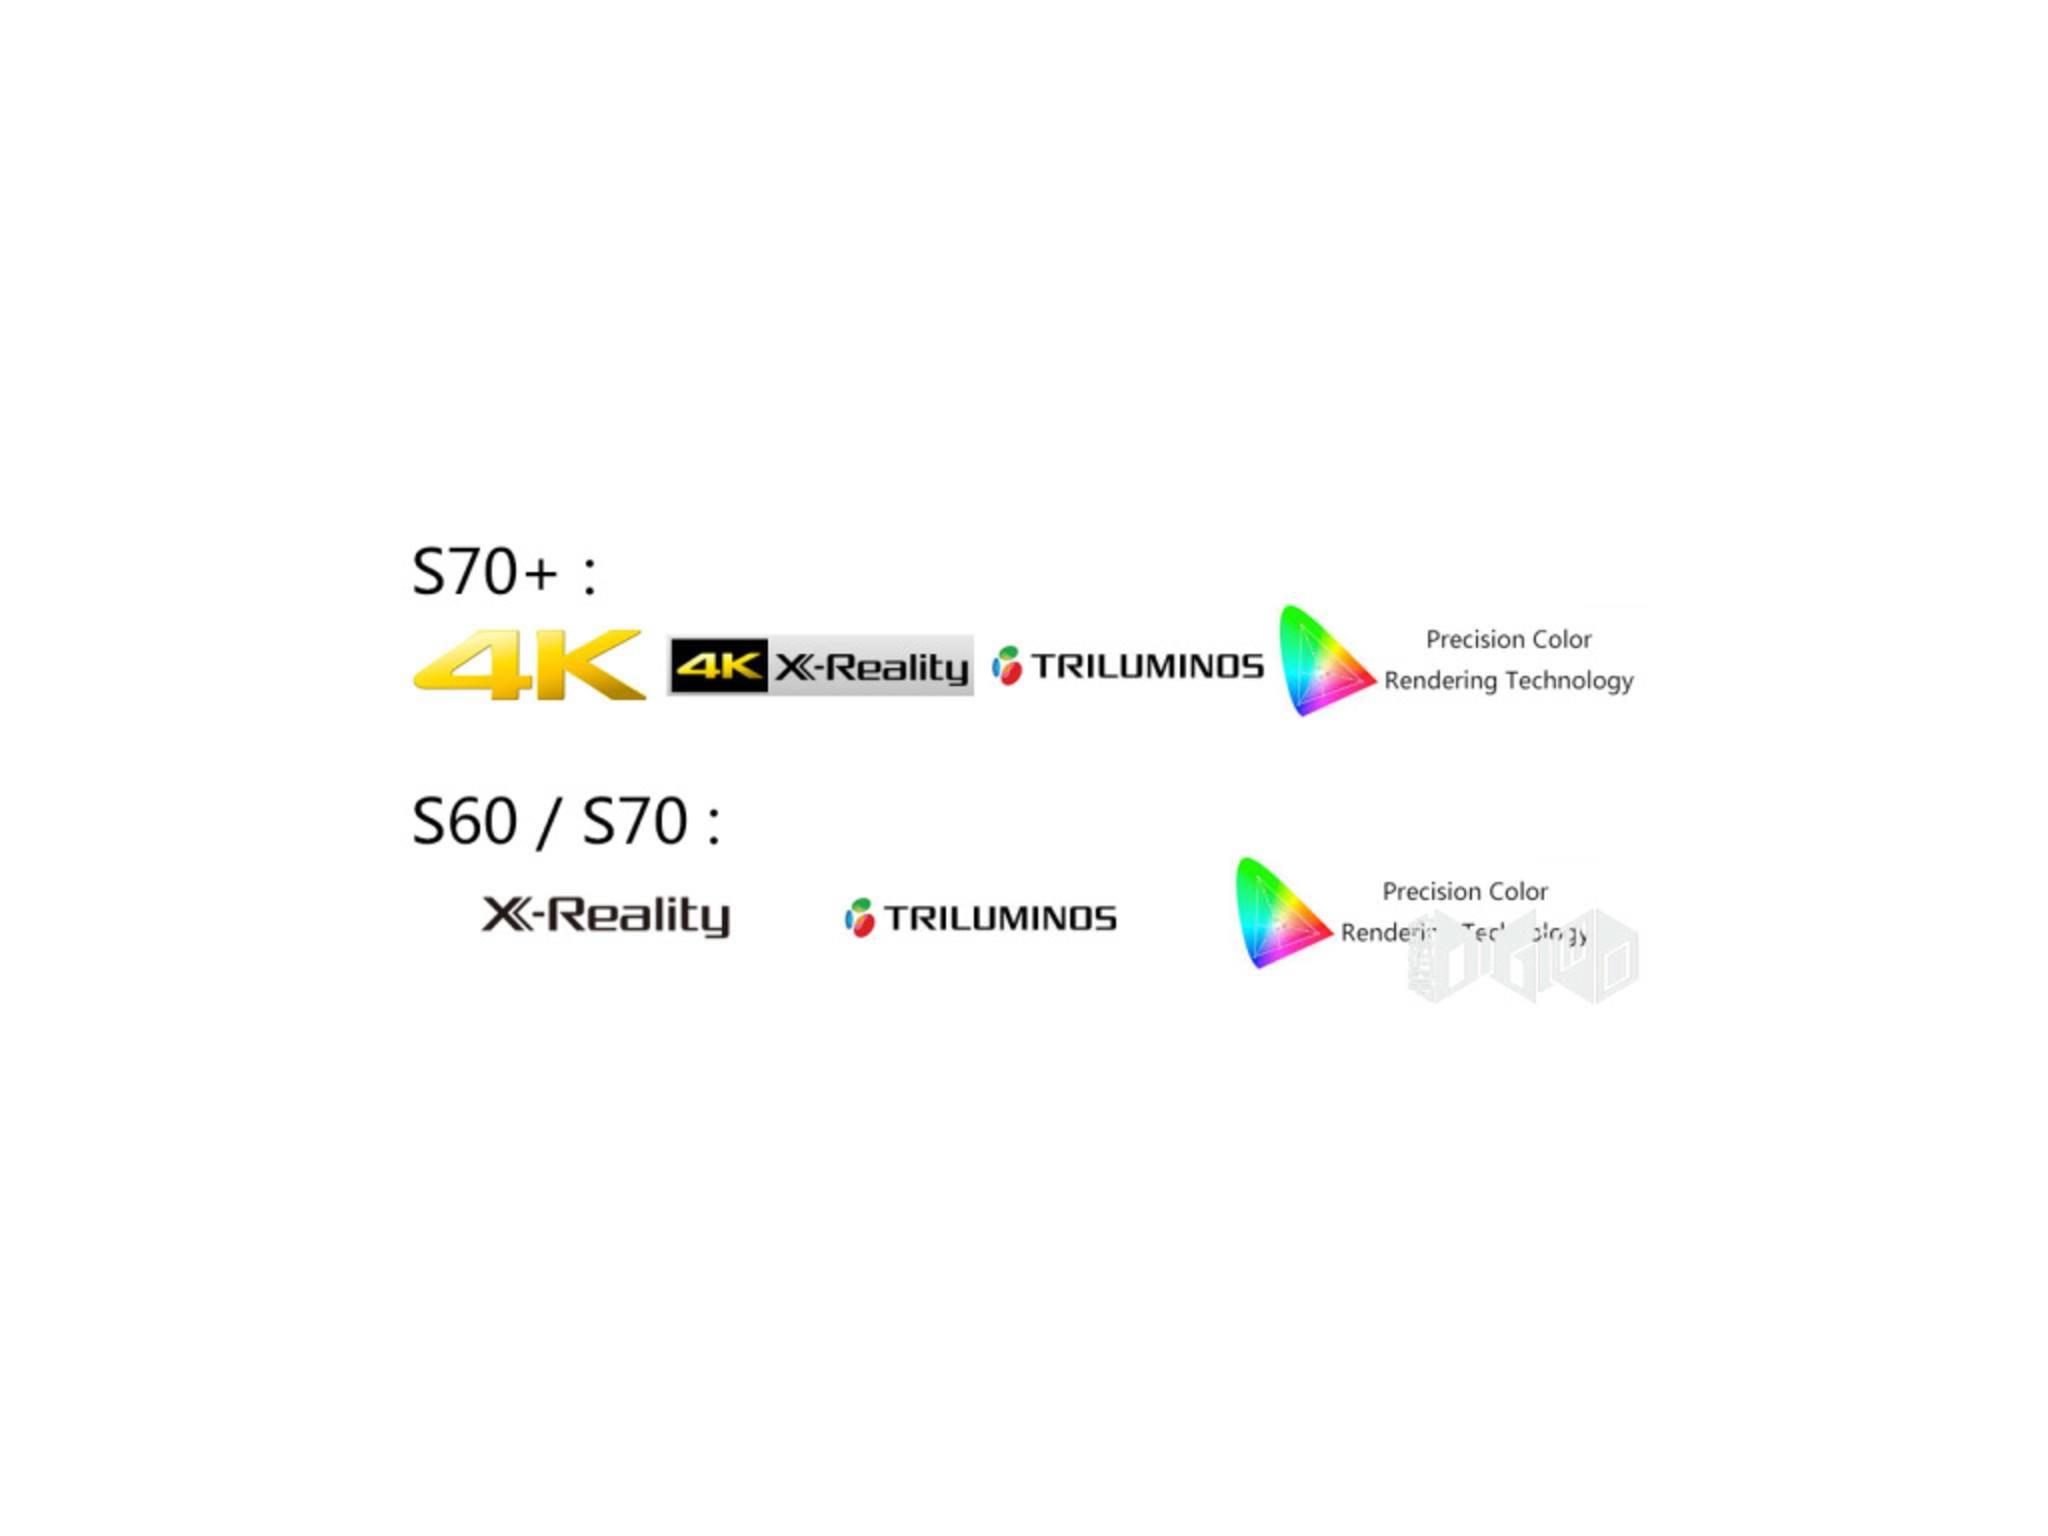 Der Leak deutet die Verwendung des 4K X-Reality-Chips für das Xperia Z5+ an.